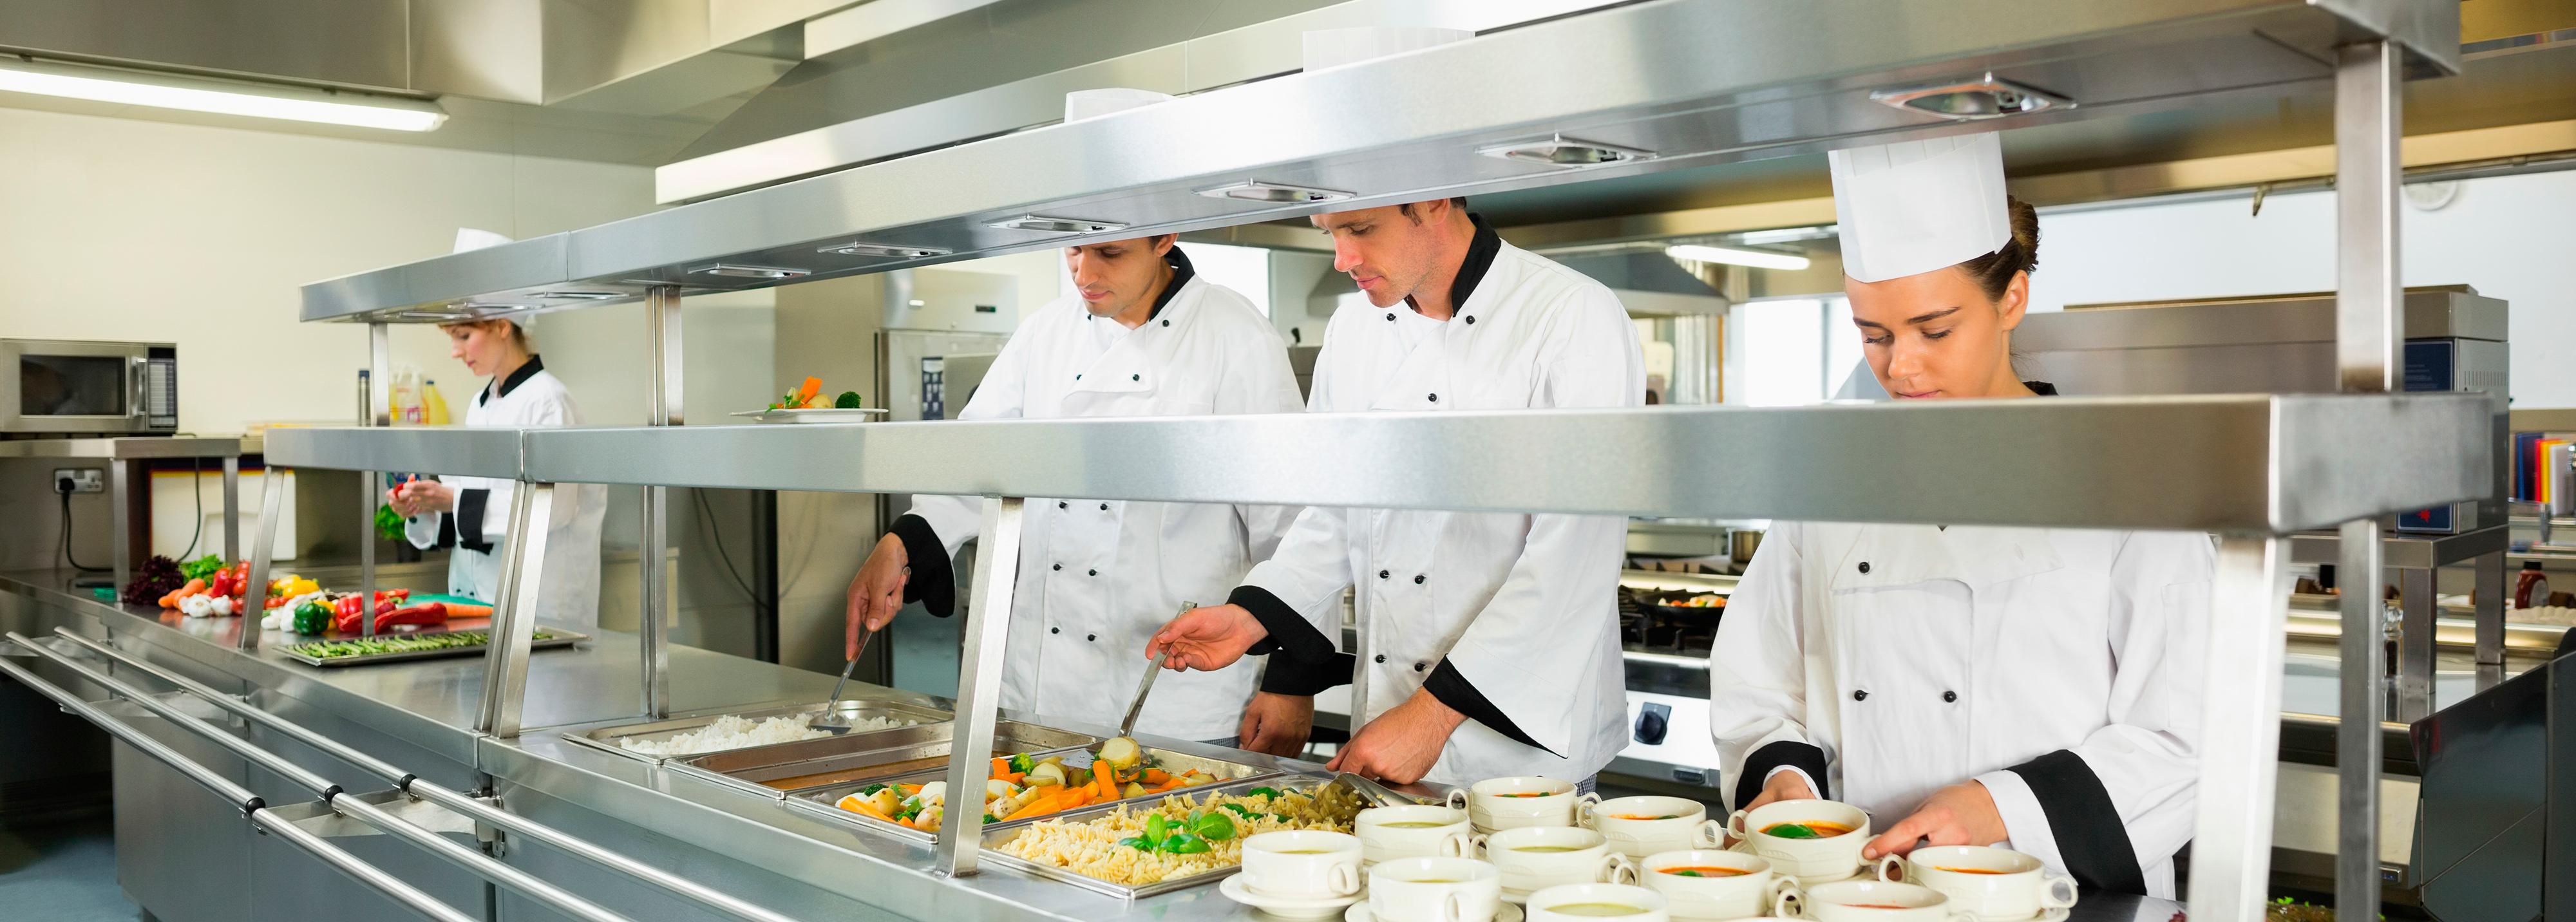 Servicio de comedor para los empleados - Servicios de comedor para empresas ...